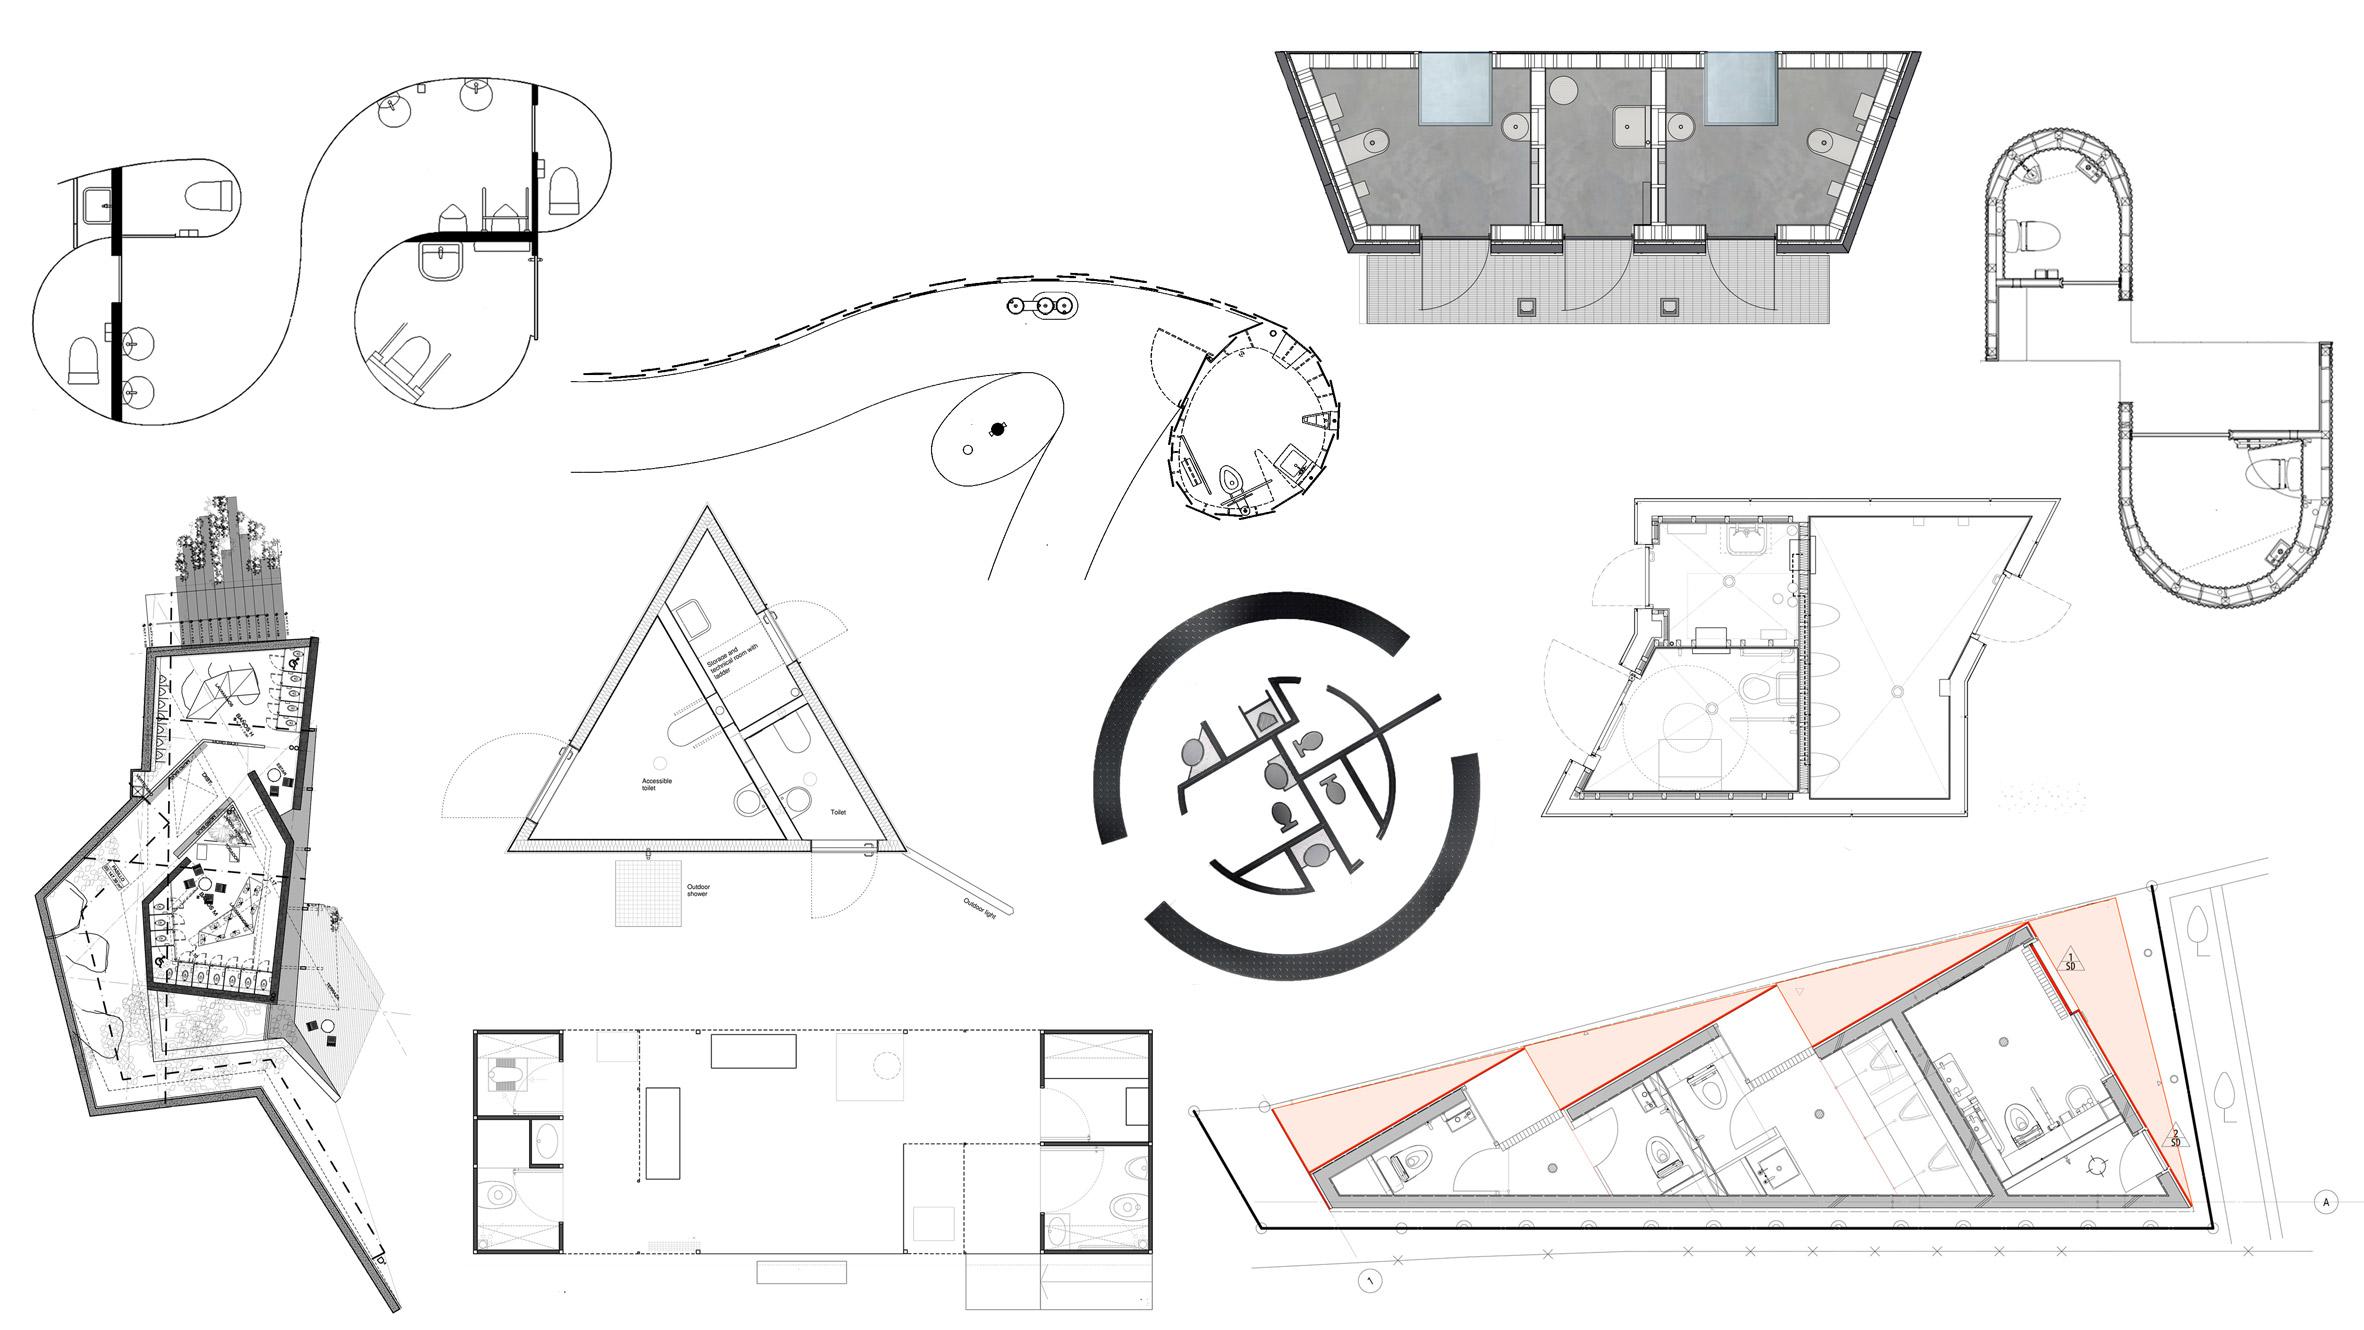 Ten Public Toilets Floor Plans That Are Unexpected